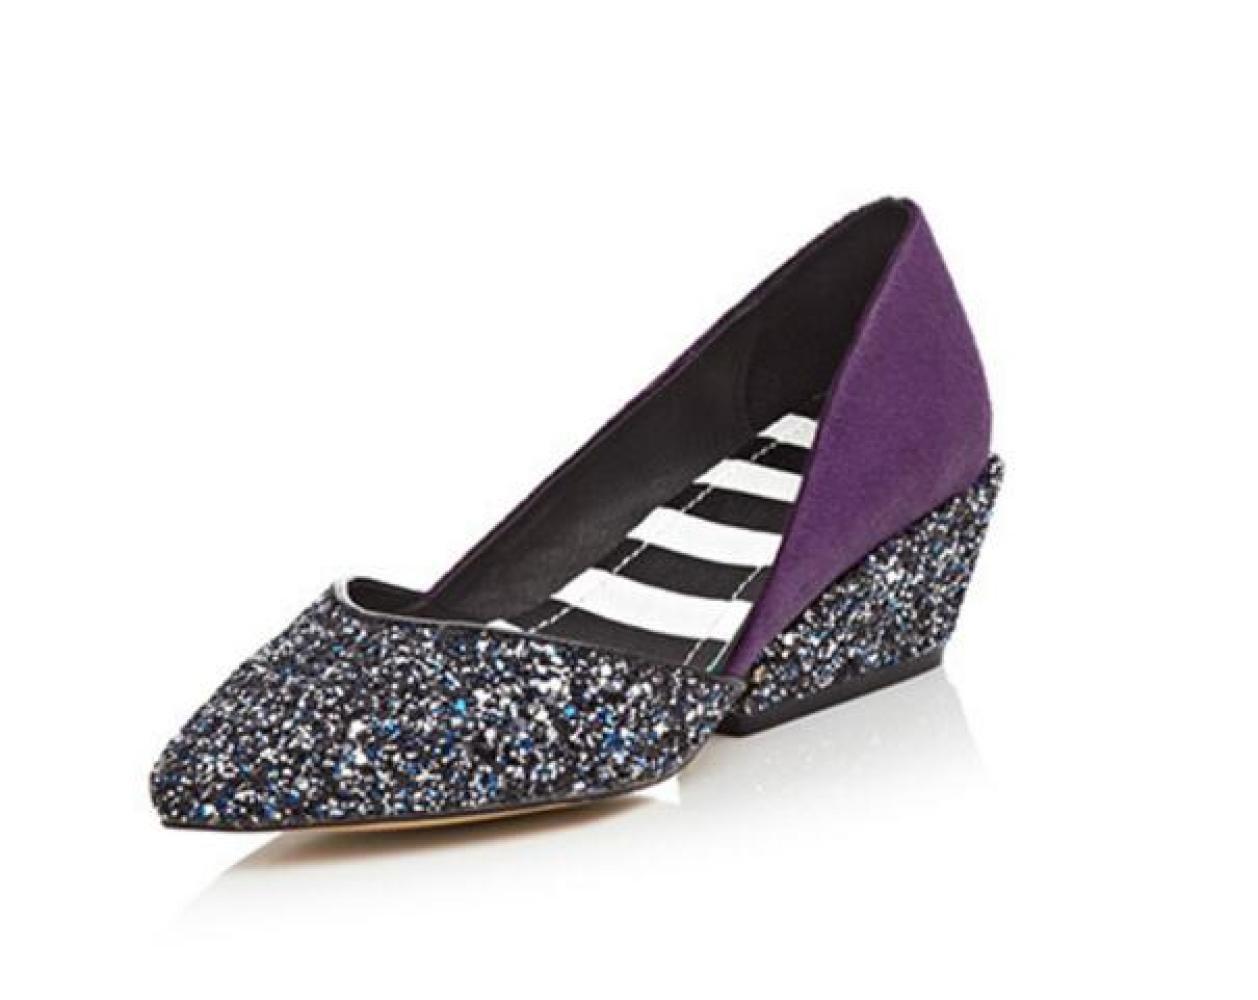 Ximu Frauen Beleuchtung Pailletten Keile Schuhe Wies Flache Casual Sandalen Sommer Pumpen Hochzeit Arbeit  37 EU|Purple